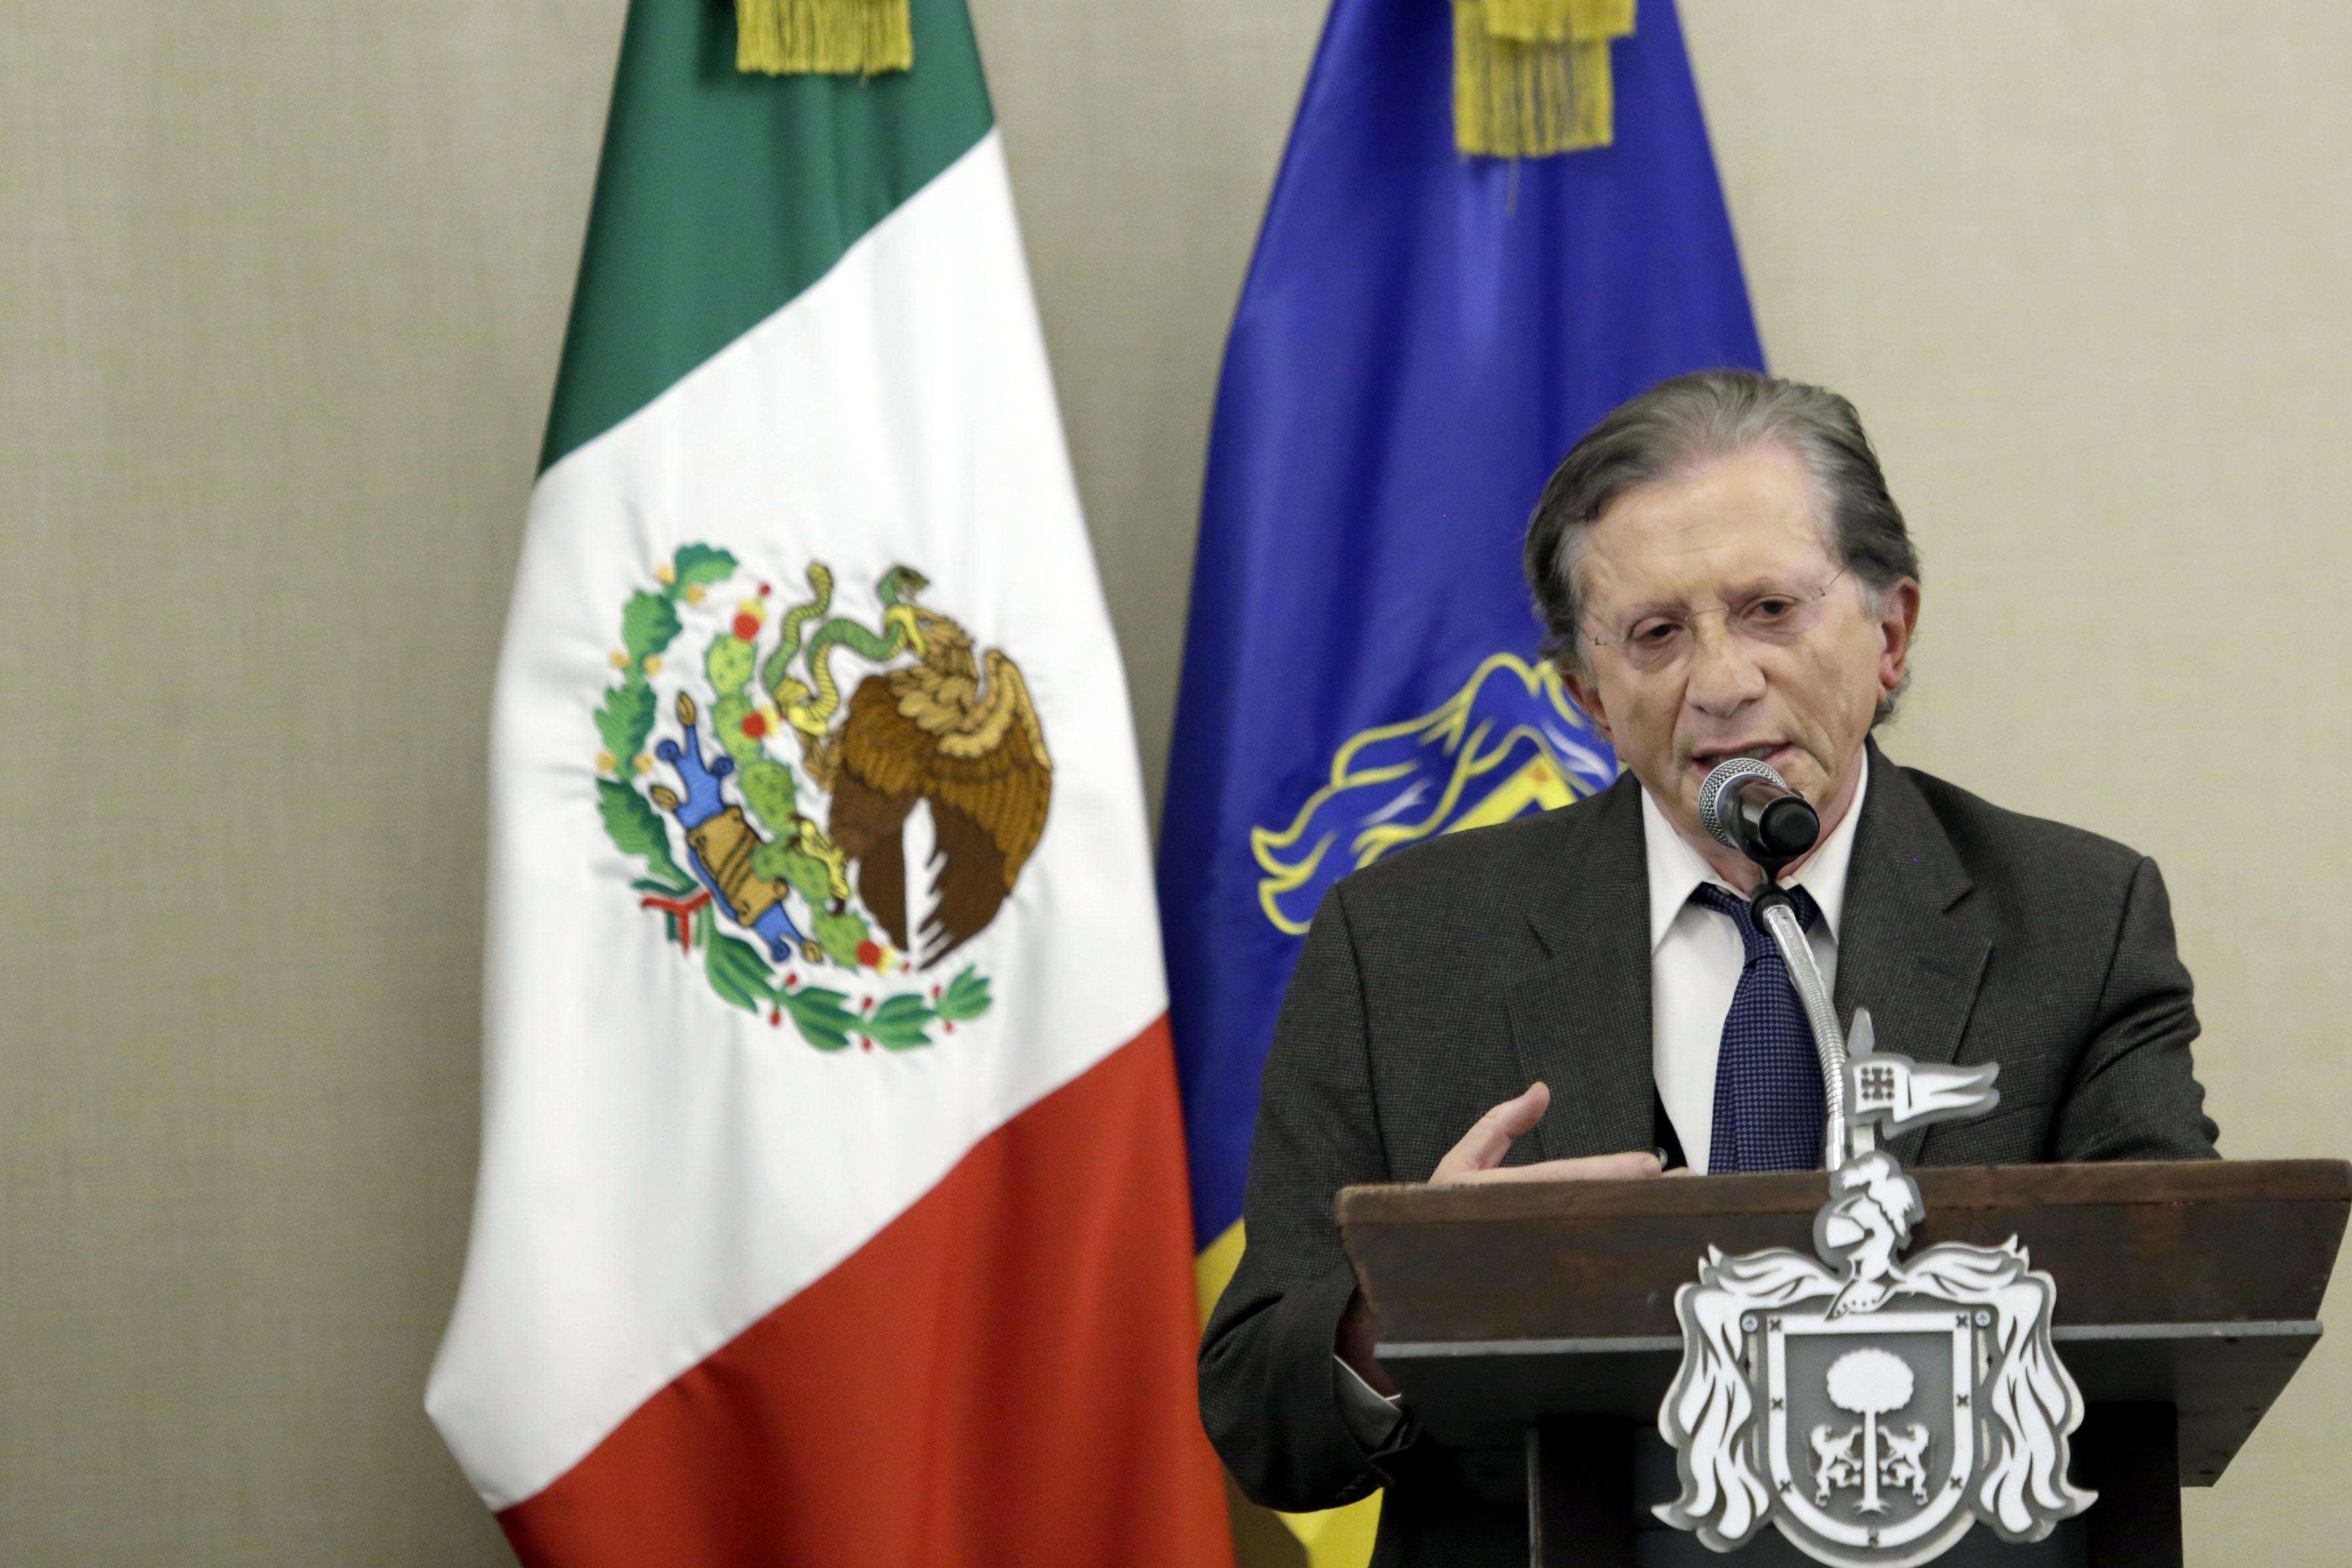 Titular de la Secretaría de Innovación, Ciencia y Tecnología de Jalisco (SICYT), maestro Jaime Reyes Robles, haciendo uso de la palabra